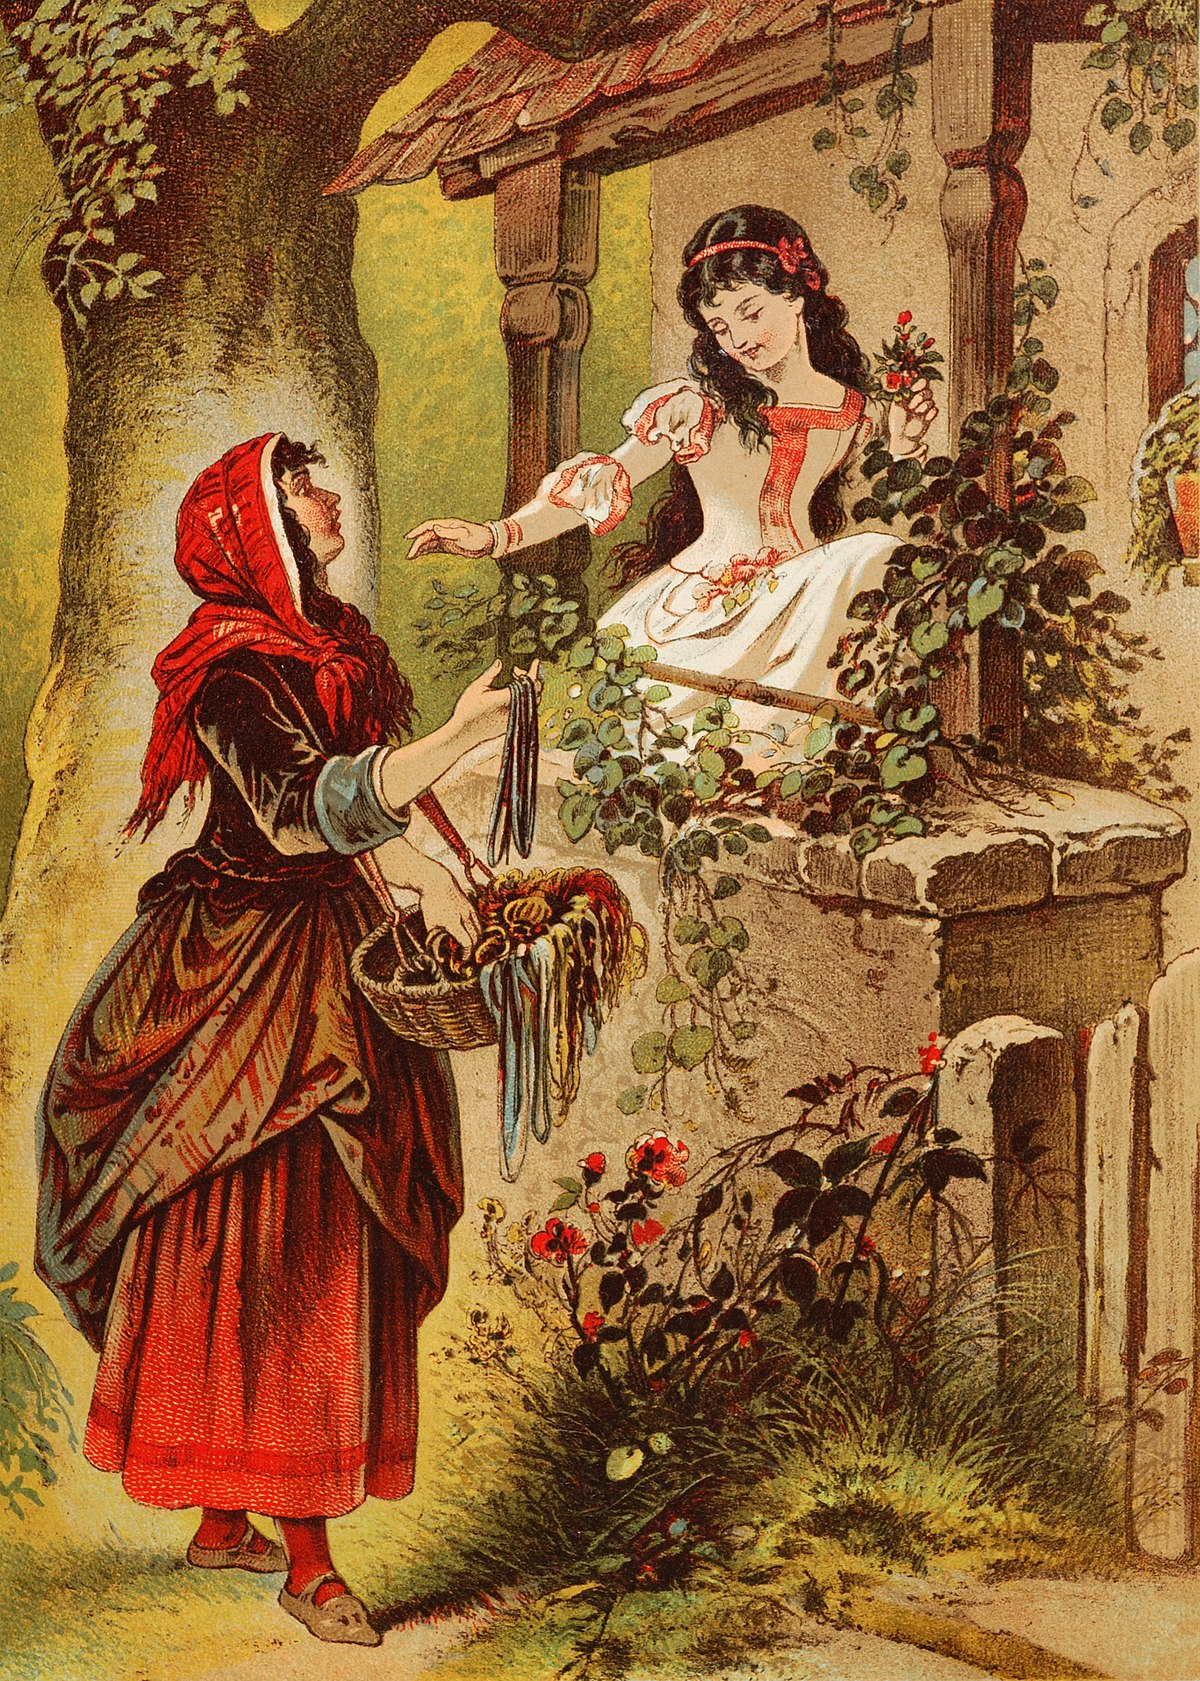 Blancanieves - Wikipedia, la enciclopedia libre